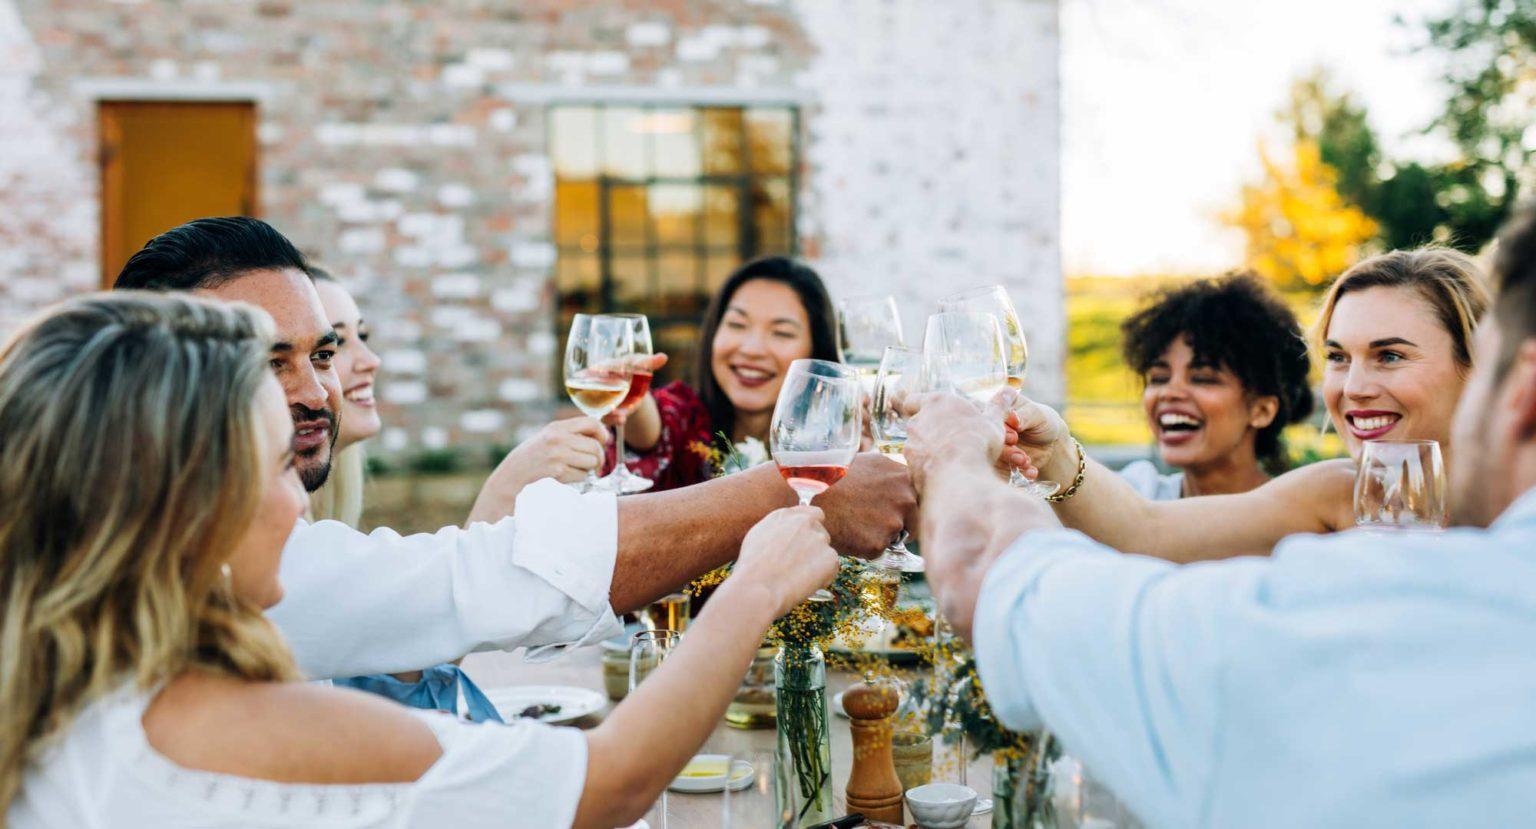 Winery Social Media